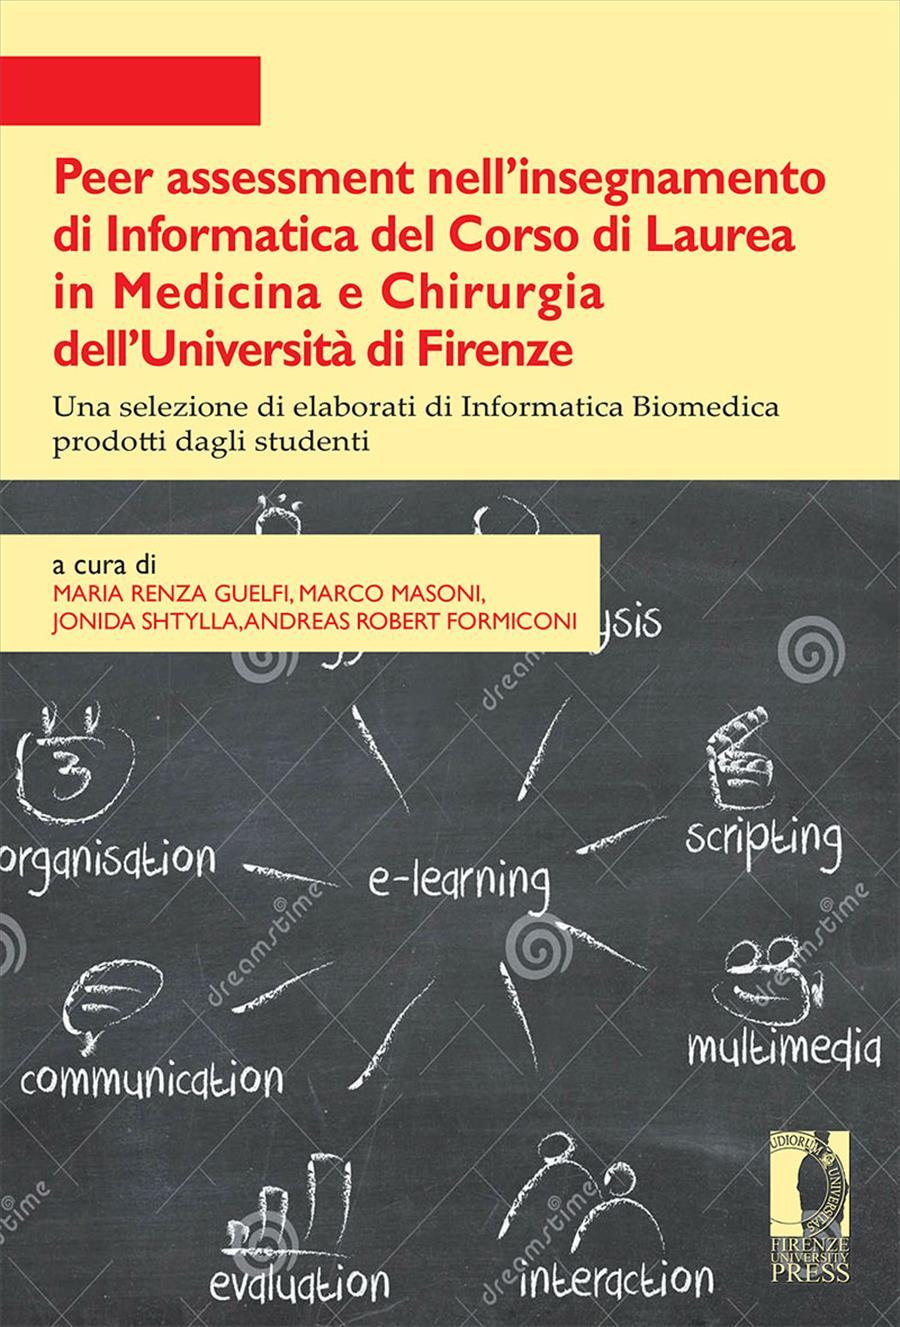 Peer assessment nell'insegnamento di Informatica del Corso di Laurea in Medicina e Chirurgia dell'Università di Firenze